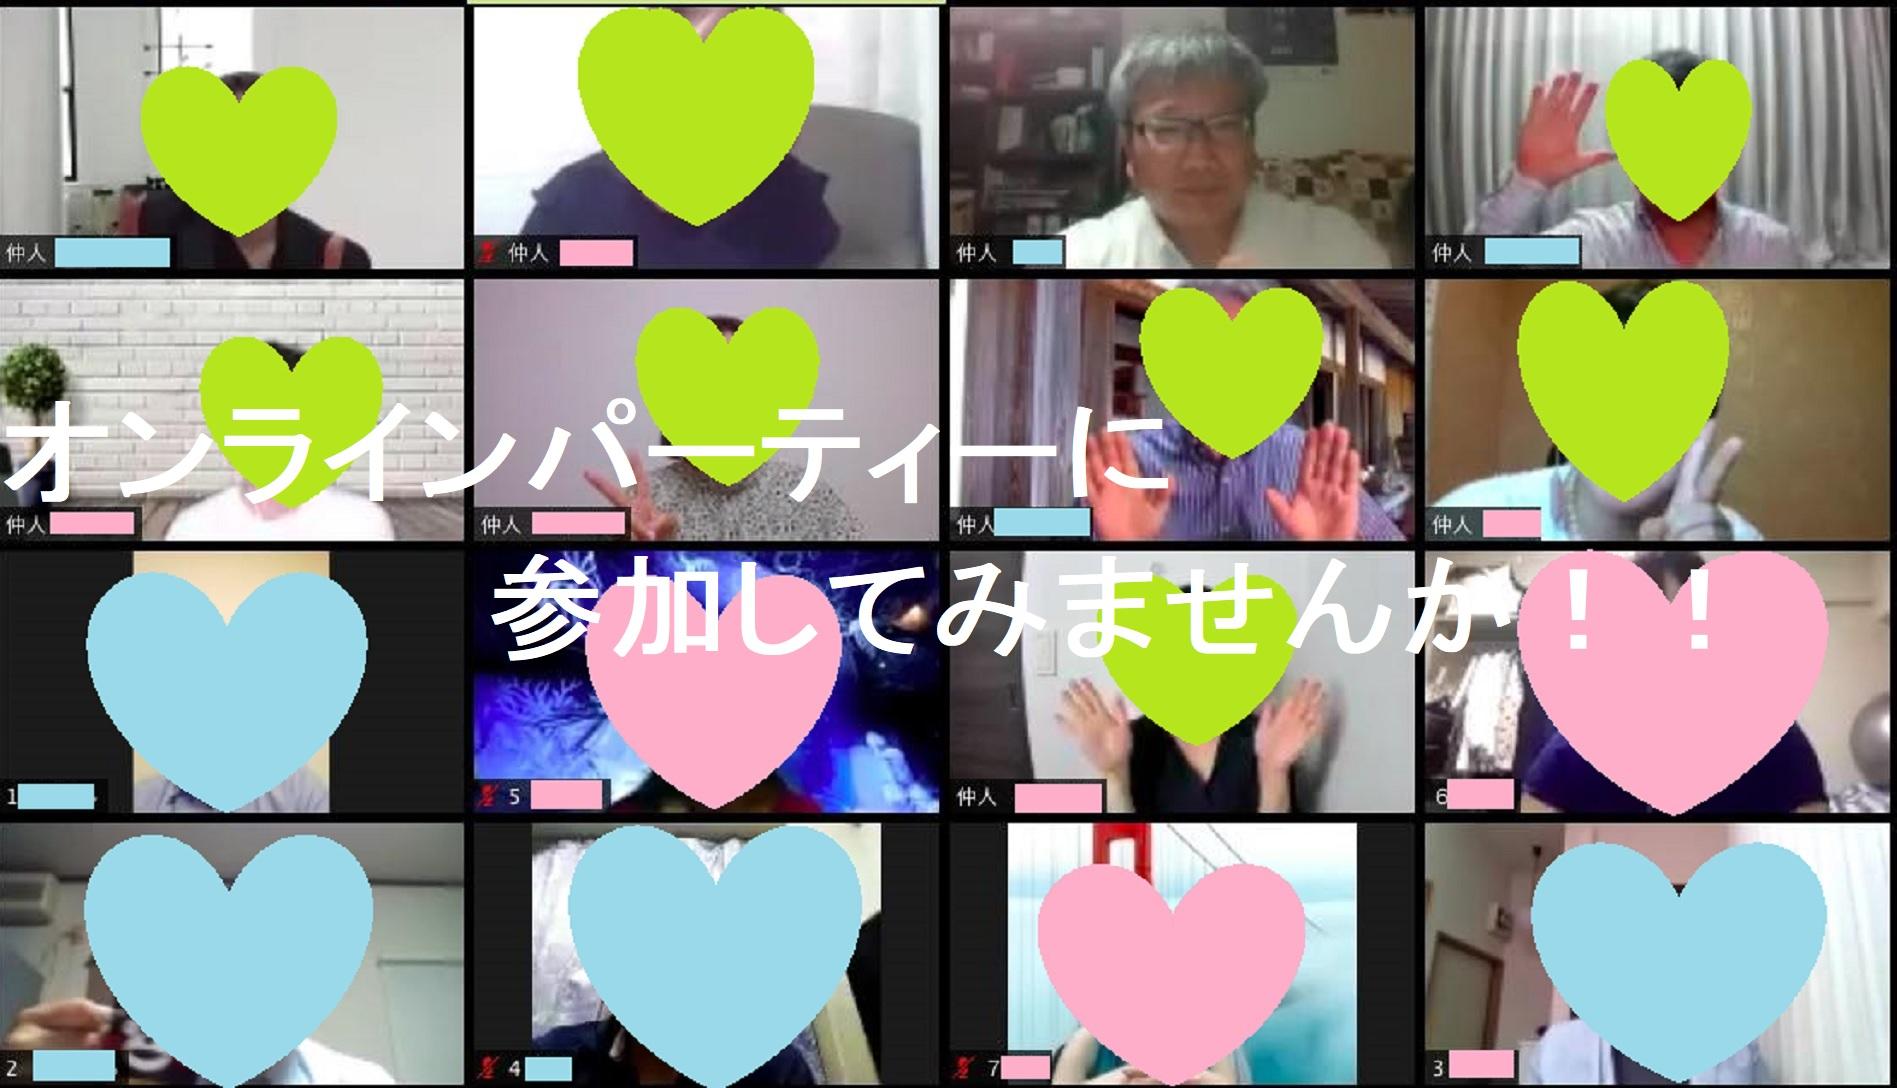 渋谷0614ラブストーリーMSK3